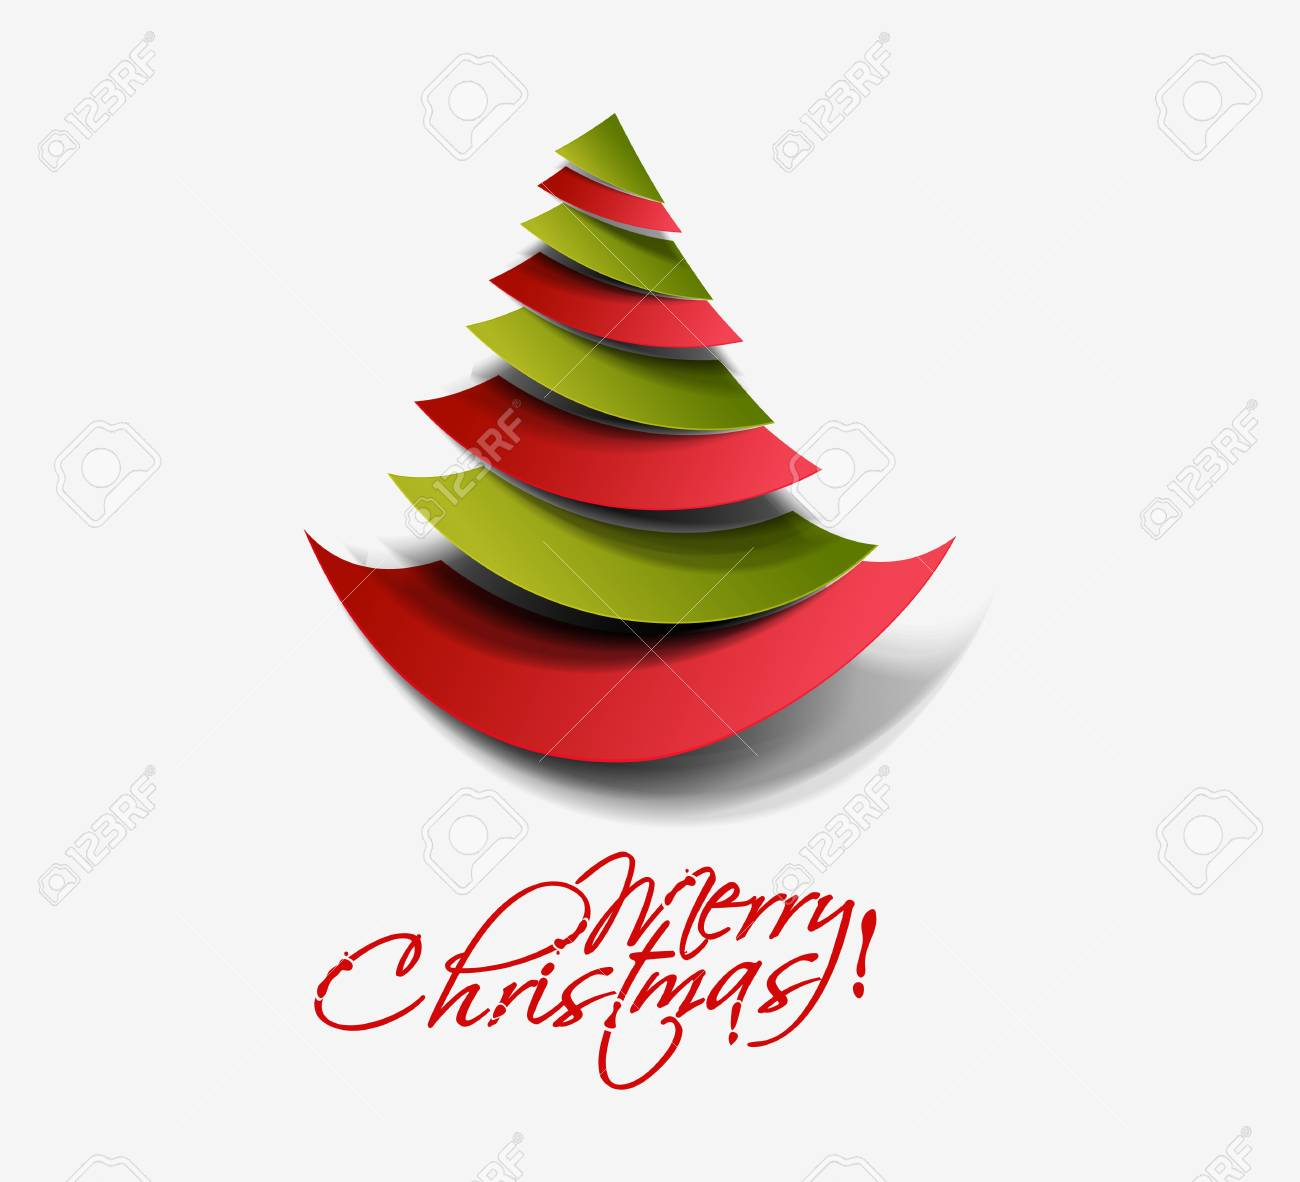 Moderner Weihnachtsbaum.Stock Photo